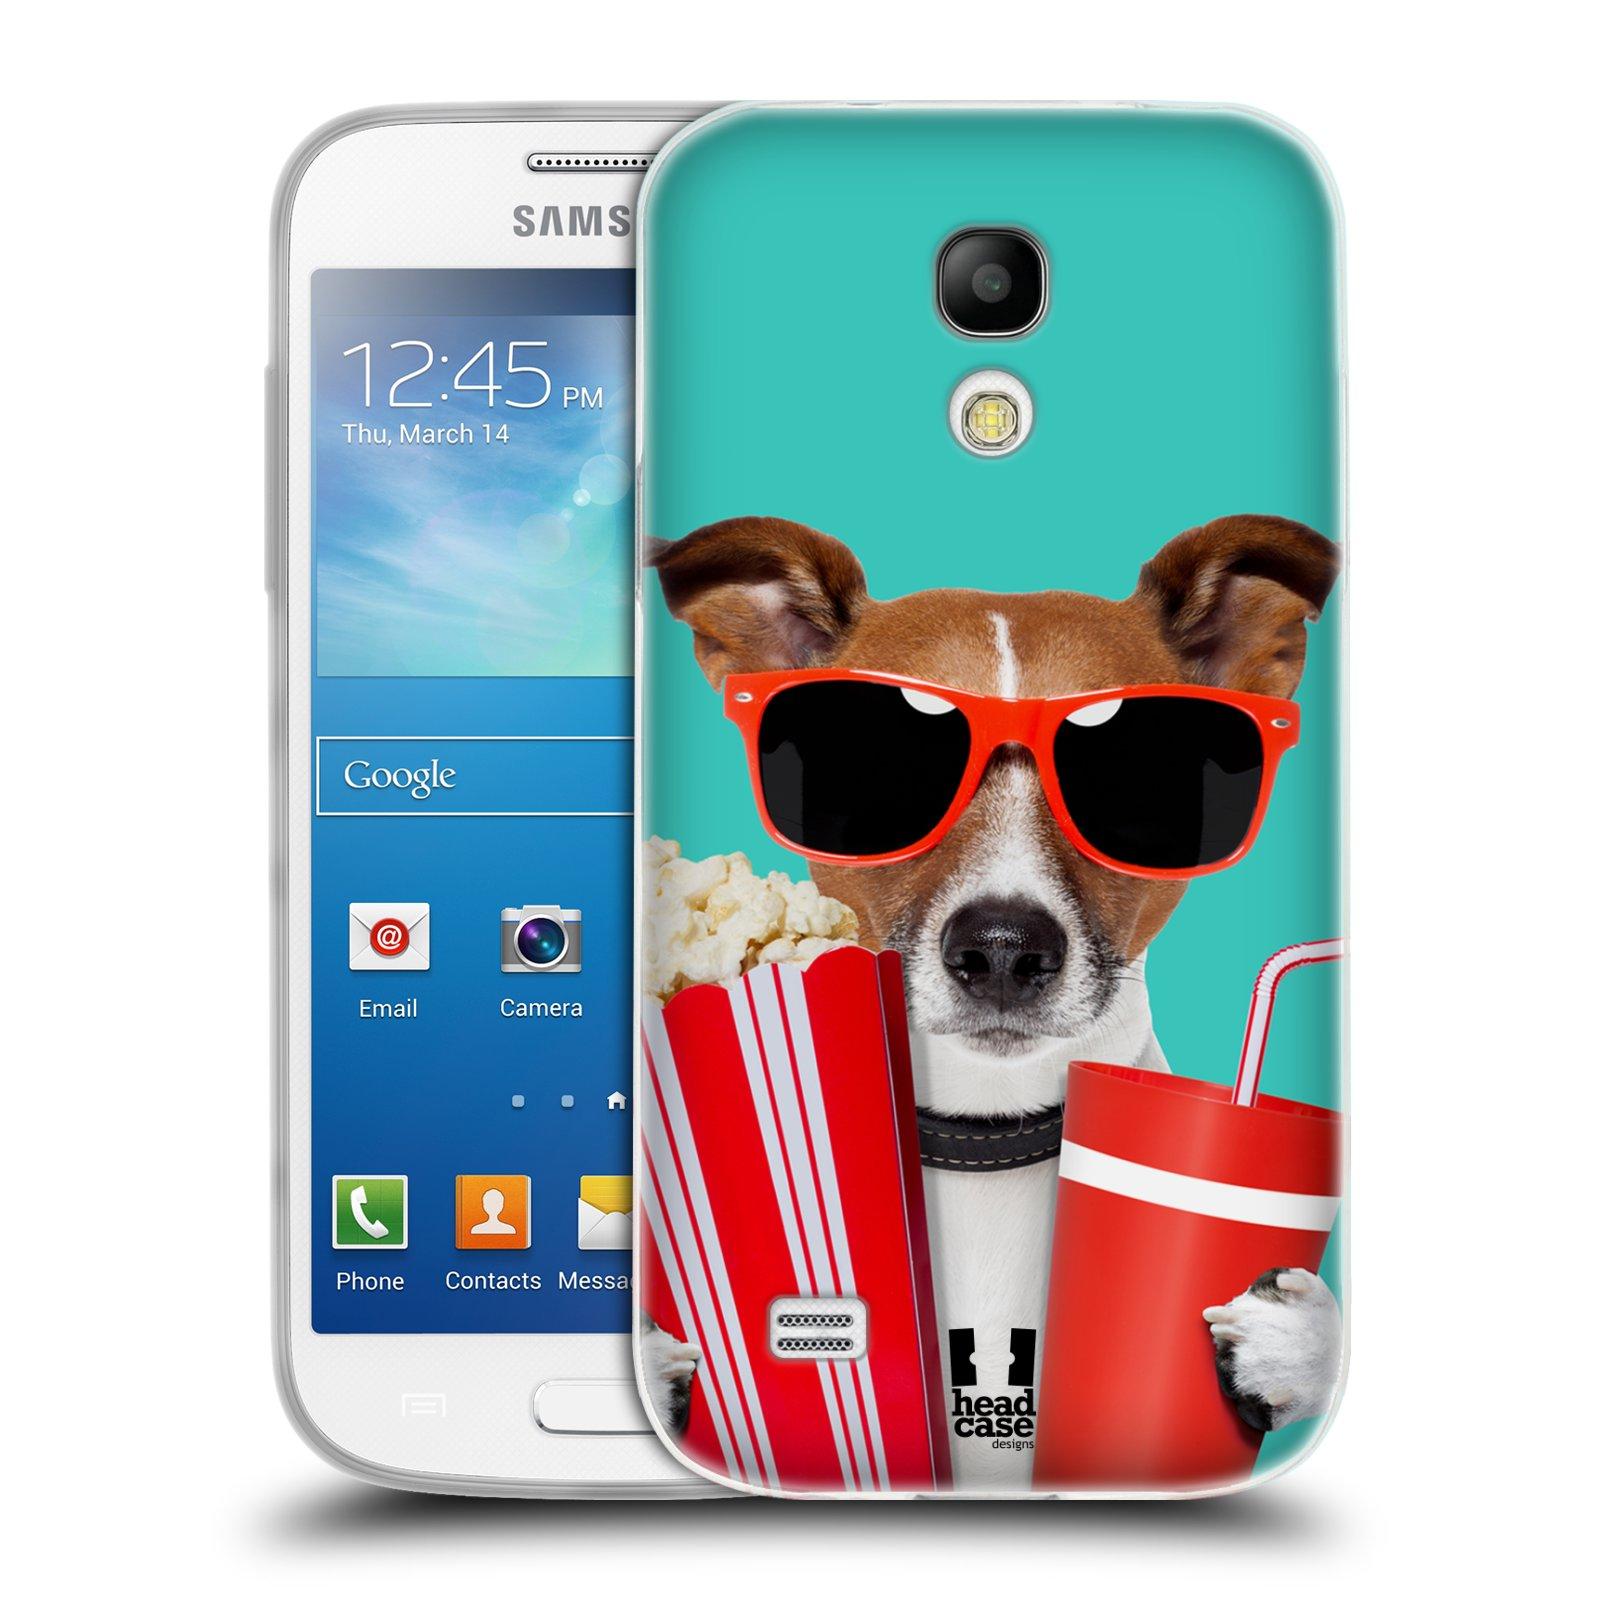 HEAD CASE silikonový obal na mobil Samsung Galaxy S4 MINI vzor Legrační zvířátka pejsek v kině s popkornem